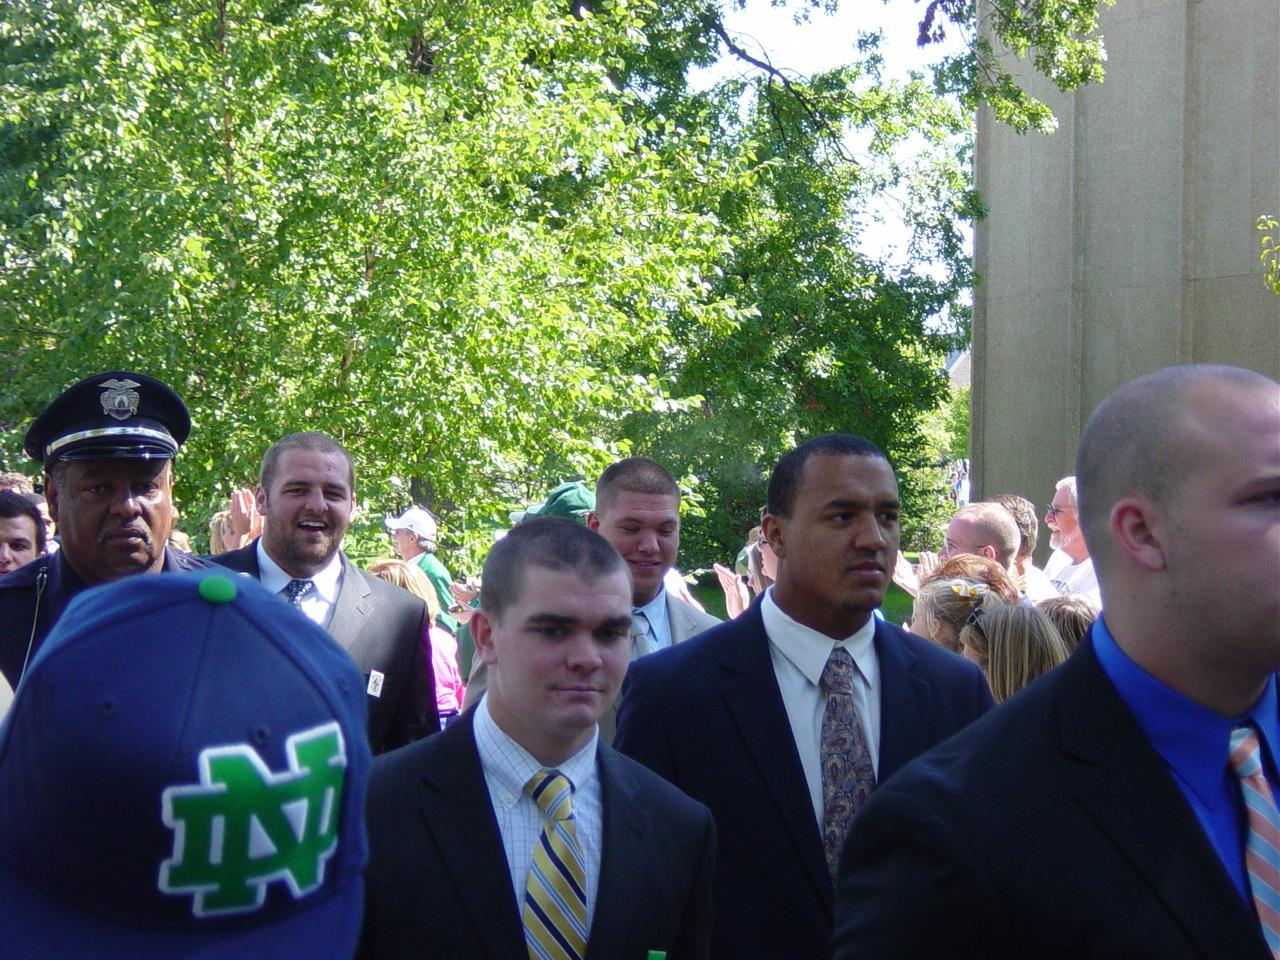 Notre Dame Team Walk - MSU